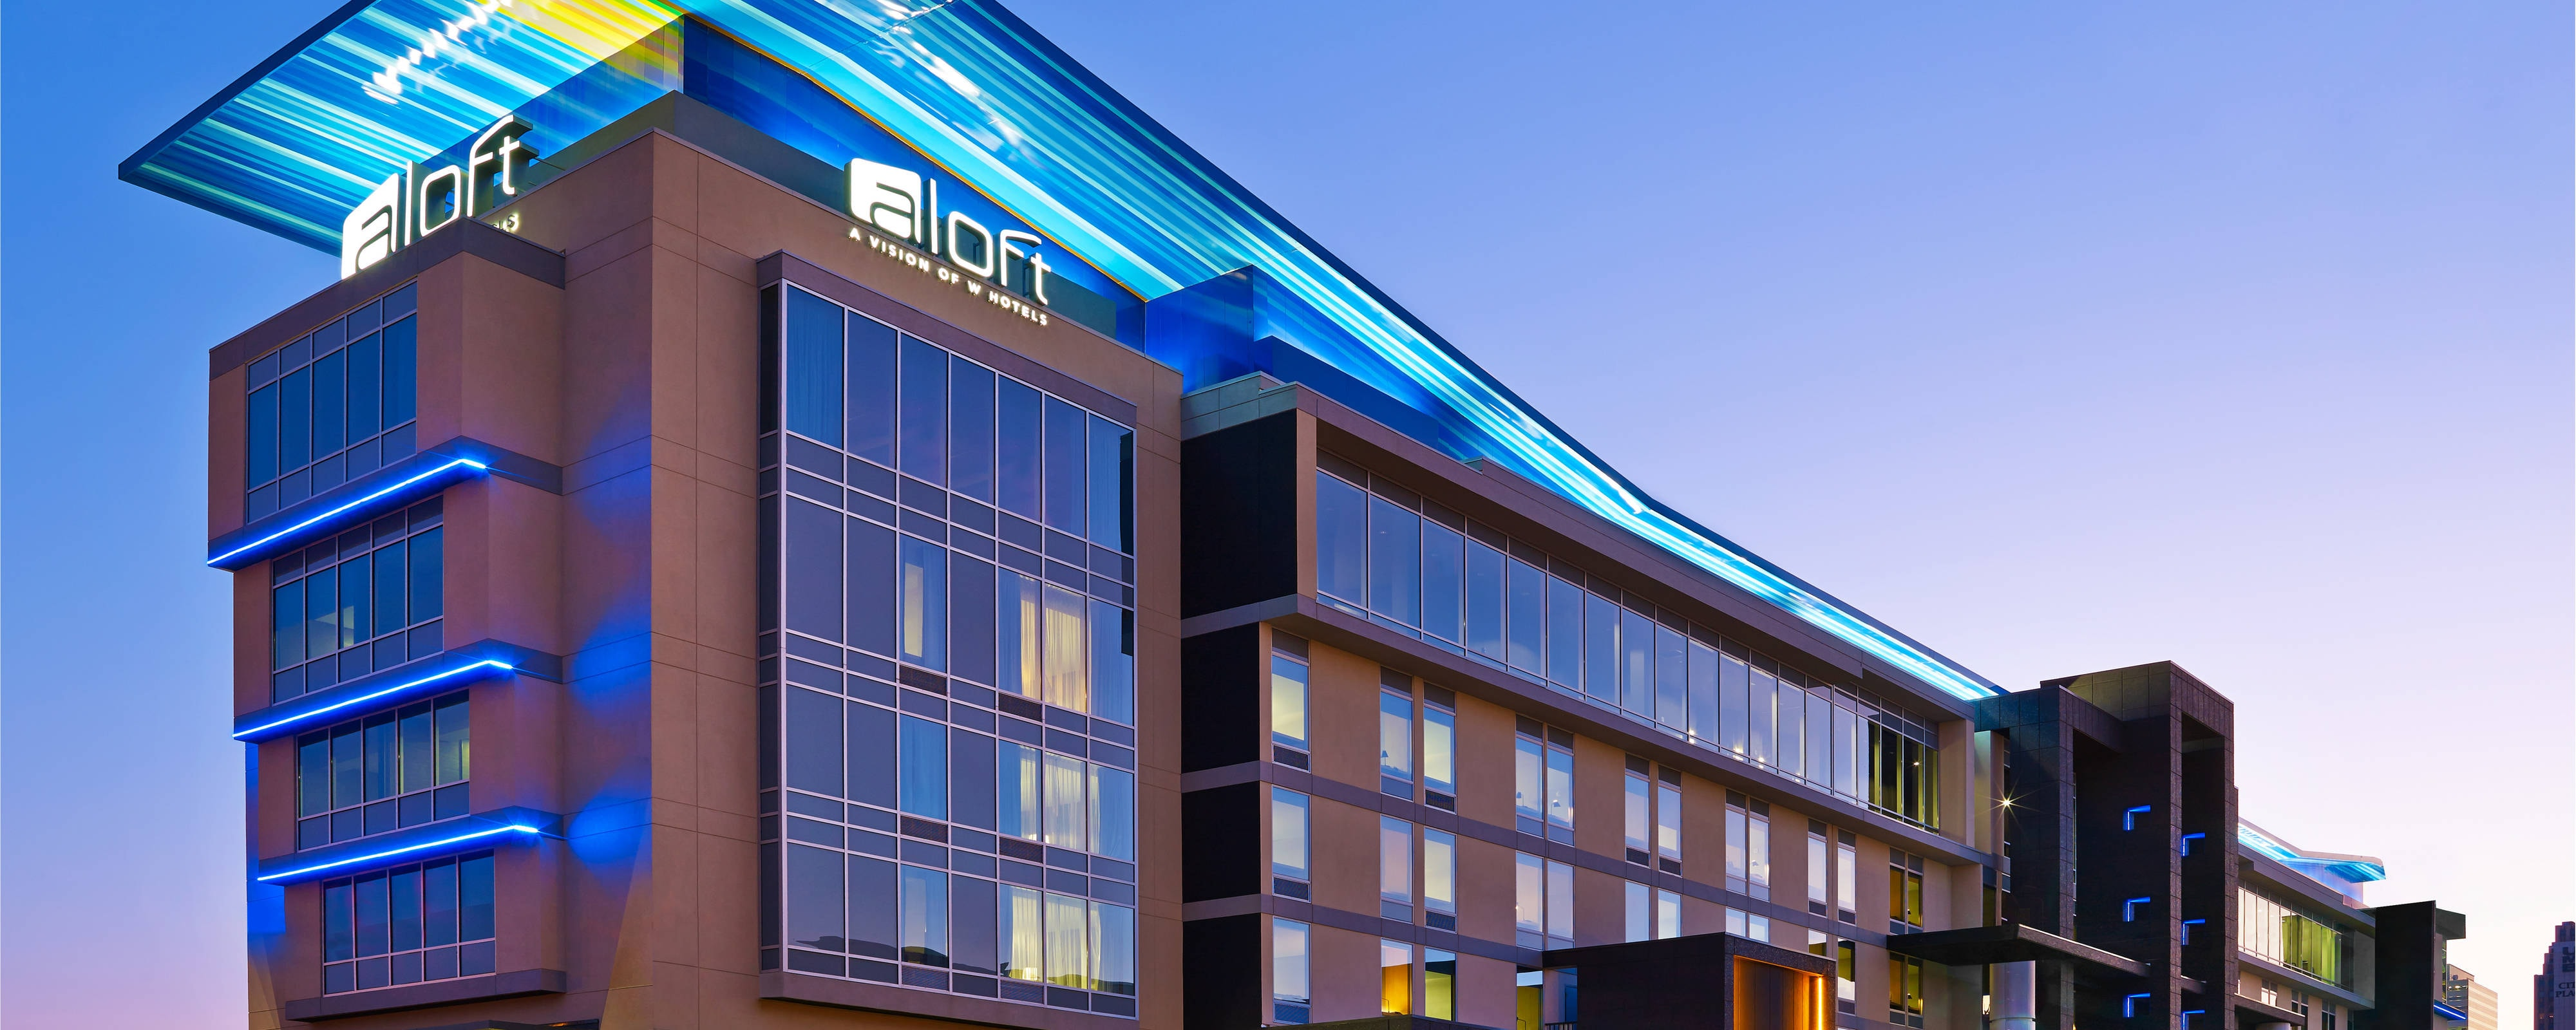 Hotel Exterior: Hotels Downtown OKC In Bricktown